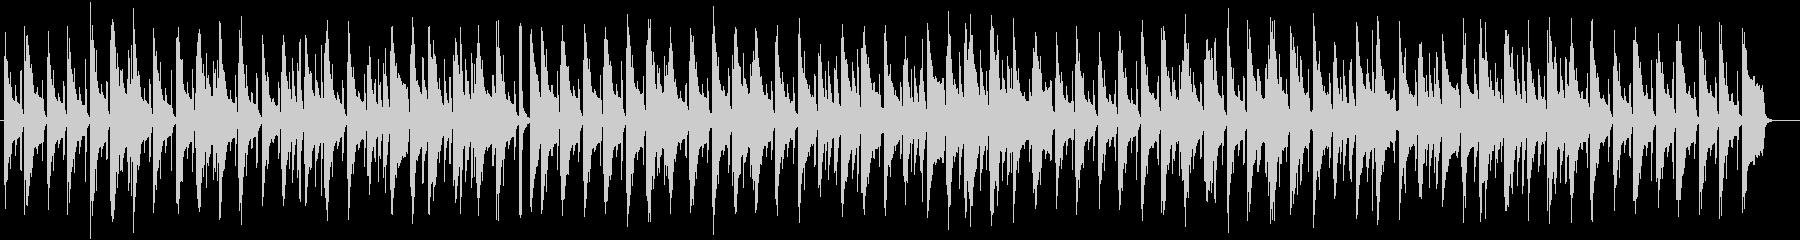 かわいいスローテンポのピアノ楽曲の未再生の波形